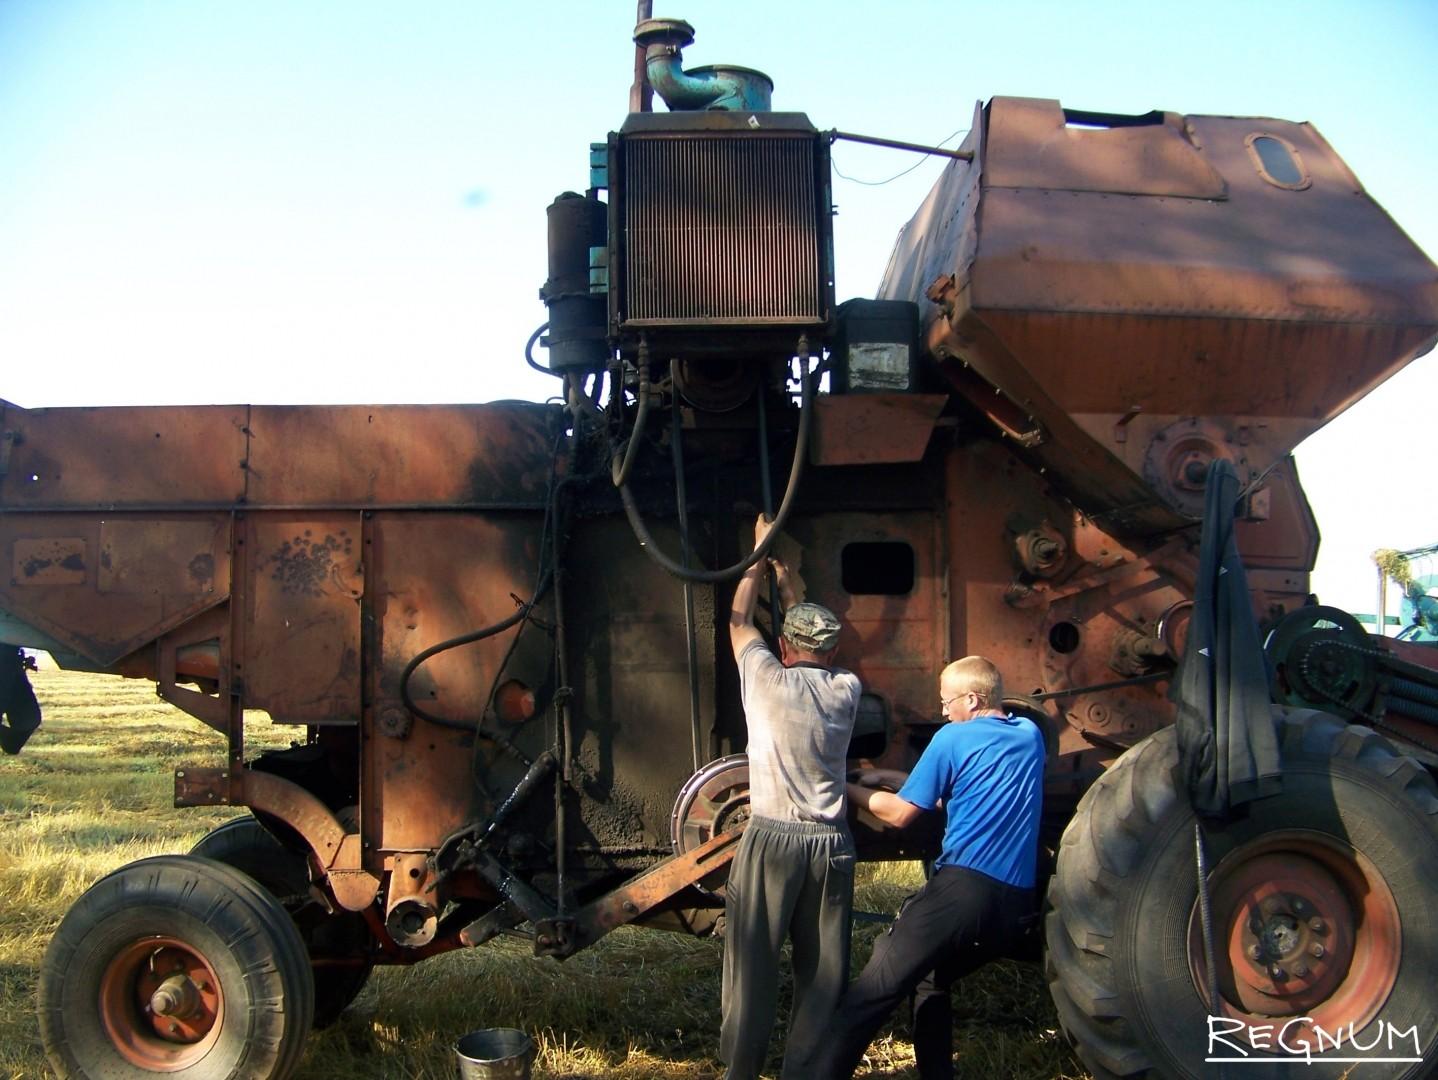 Алтайские хлеборобы чинят старую технику прямо в поле на уборке